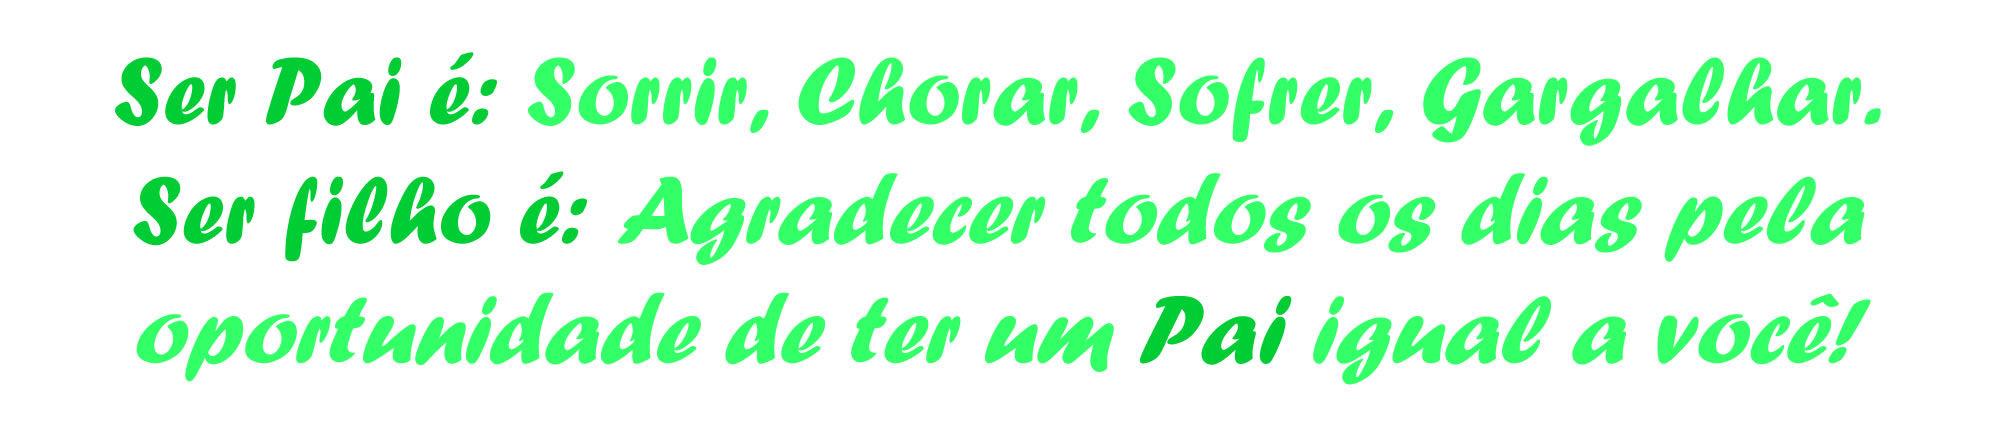 Frases E Moldes Para Camisetas E Cartões Do Dia Dos Pais